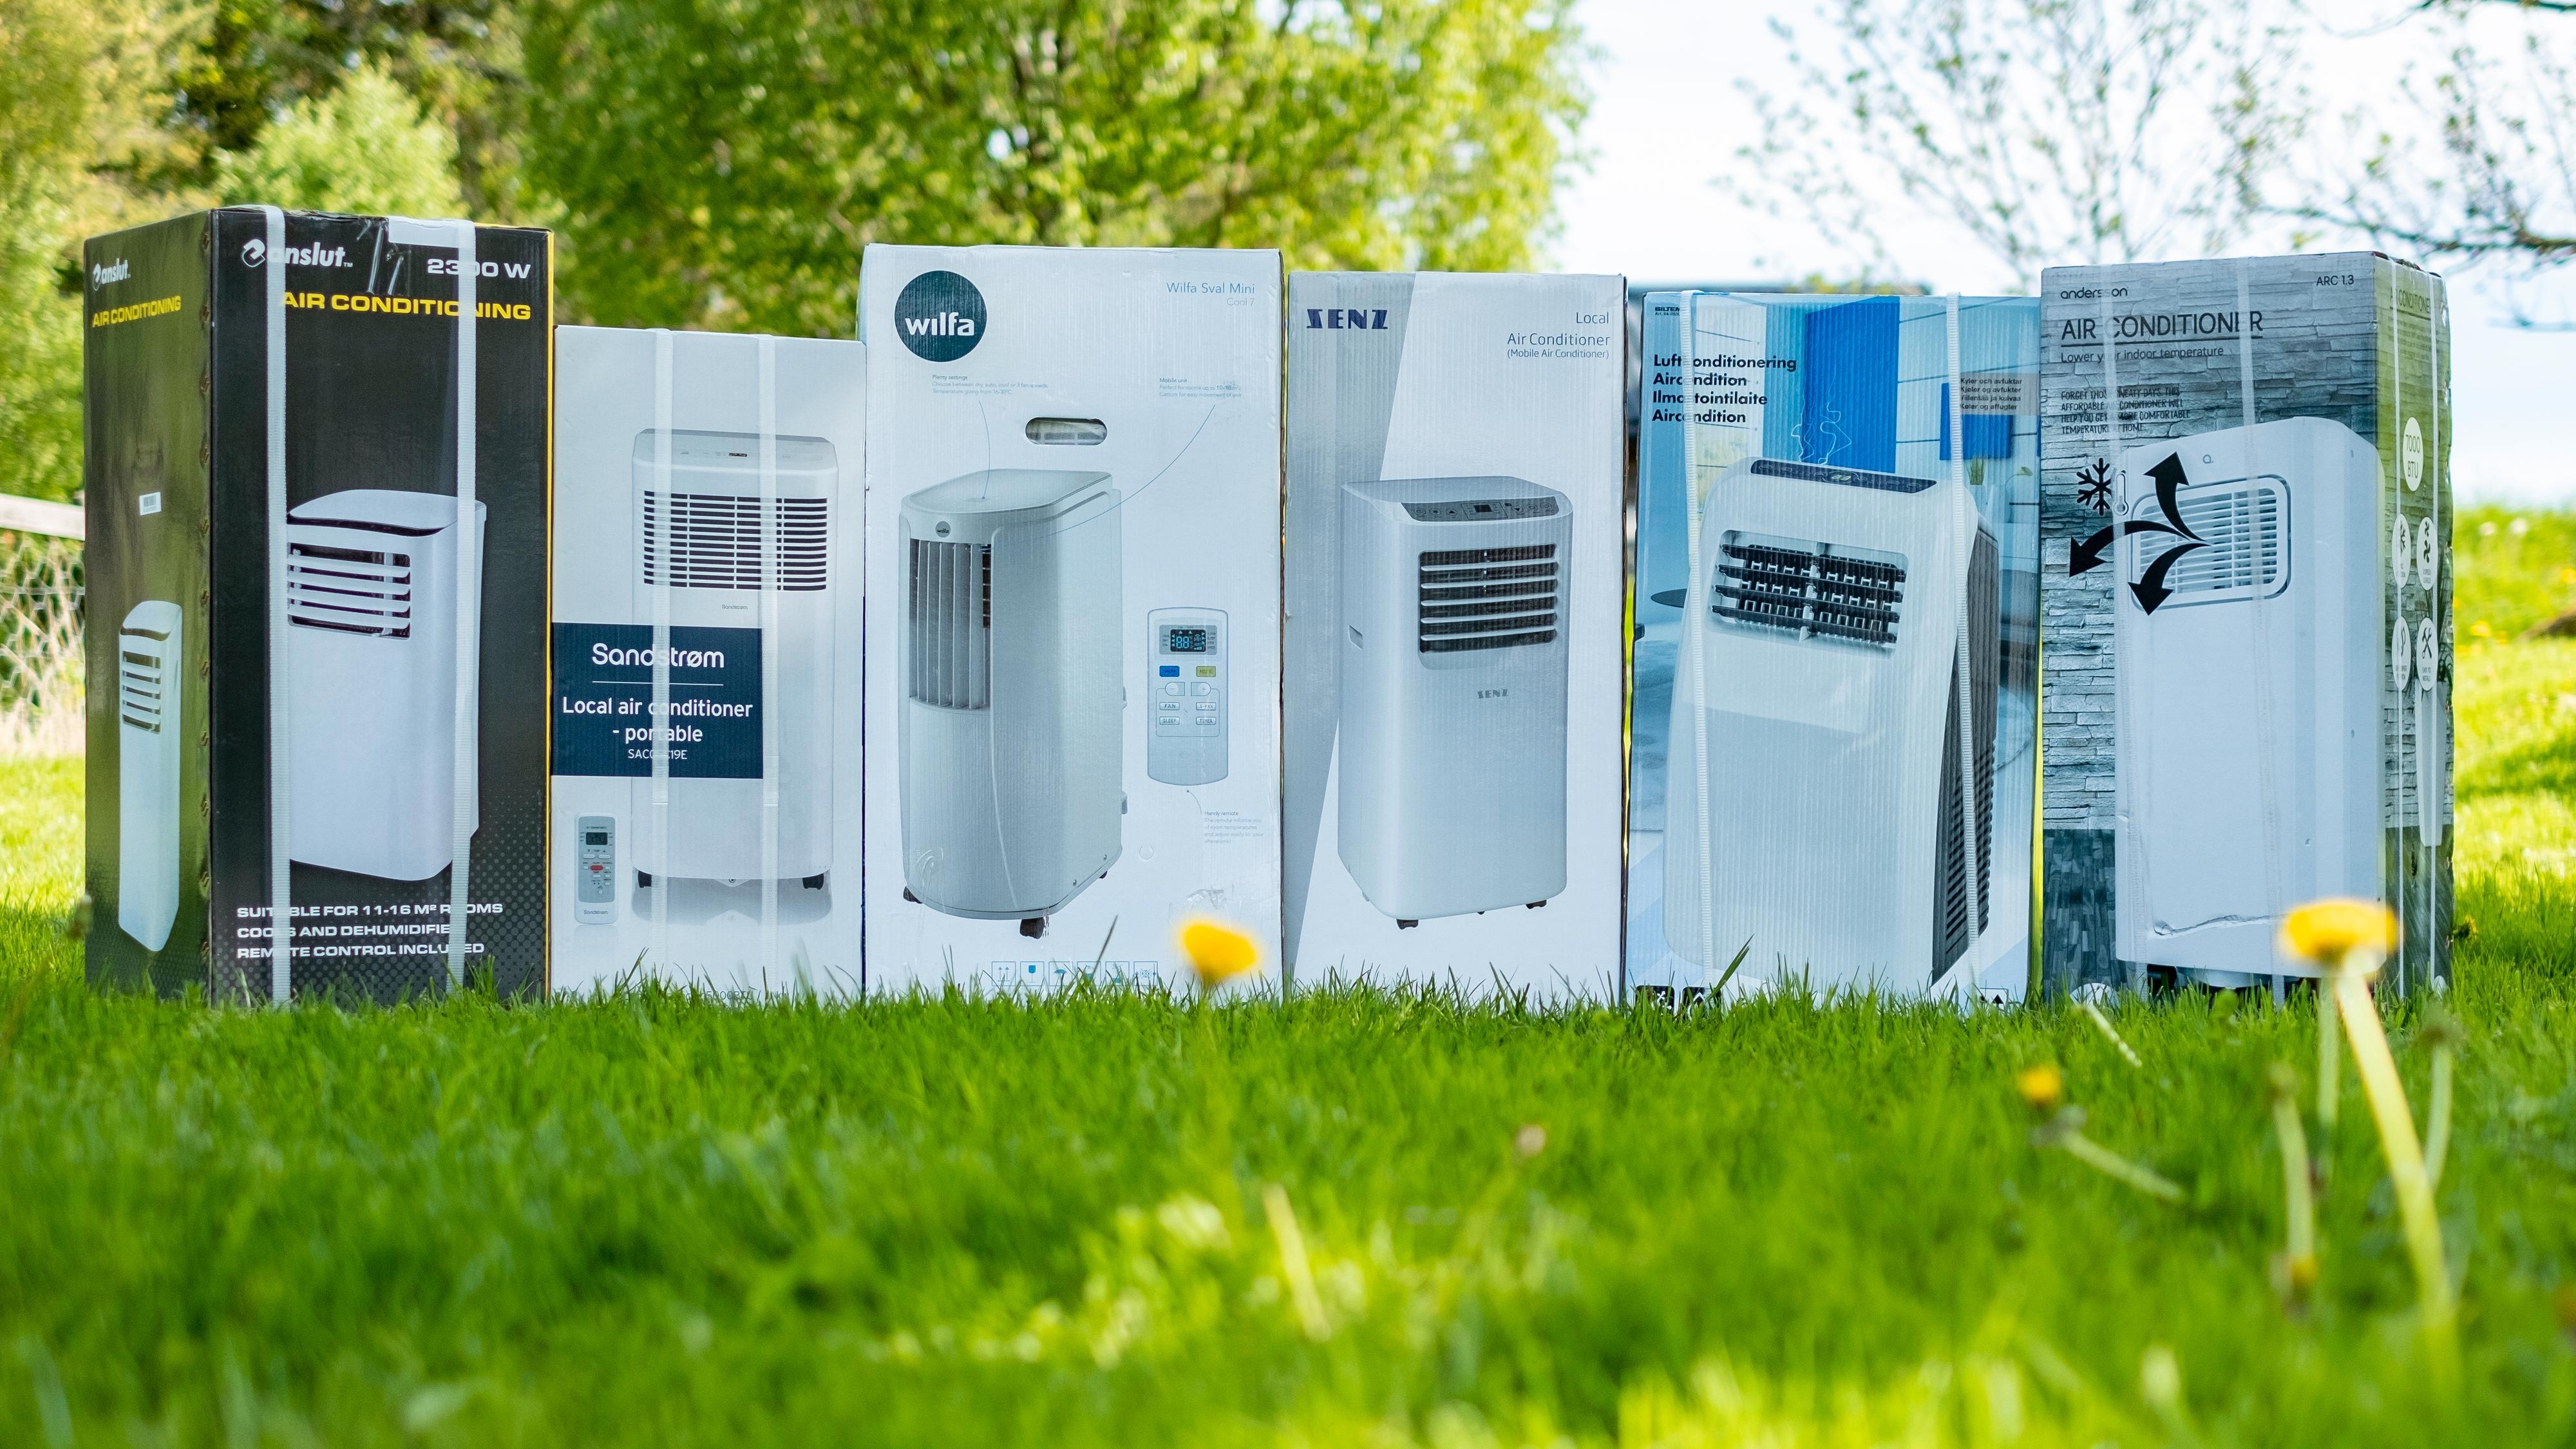 Vi tok inn seks av markedets billigste klimaanlegg til test. De starter på rundt 2500 kroner, og forskjellene er store.